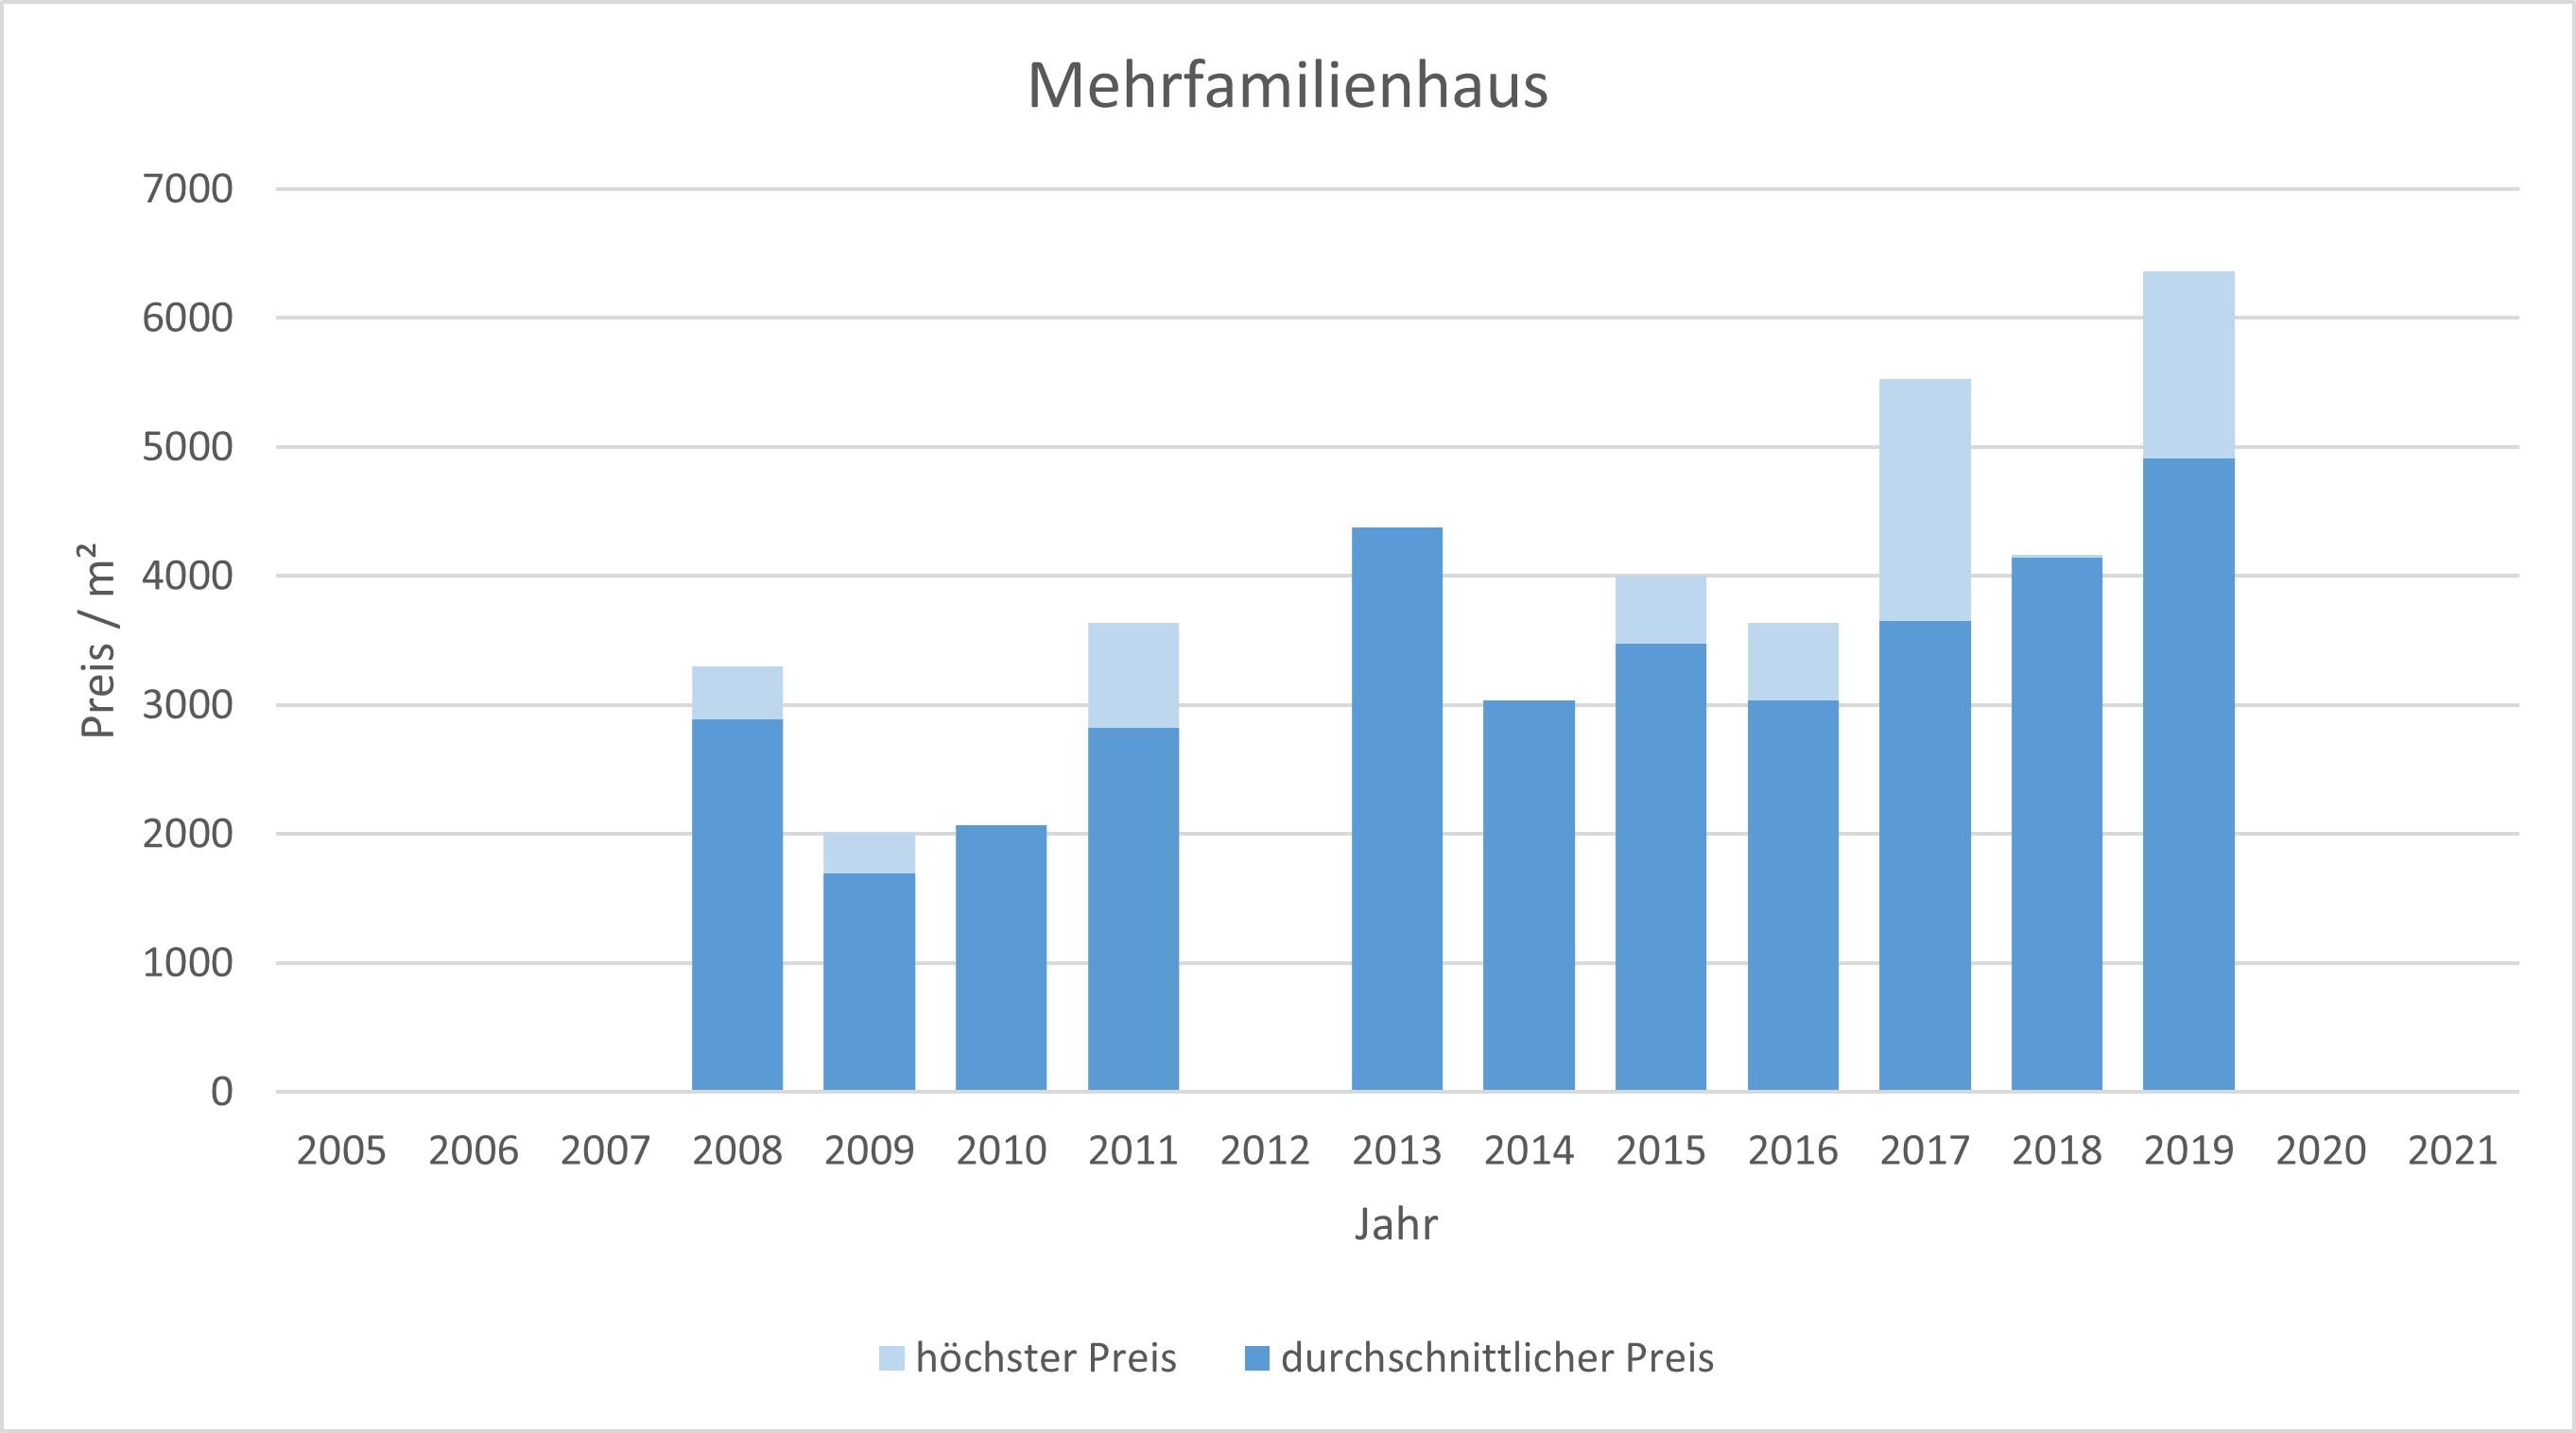 Weyarn Mehrfamilienhaus kaufen verkaufen Preis Bewertung Makler www.happy-immo.de 2019 2020 2021